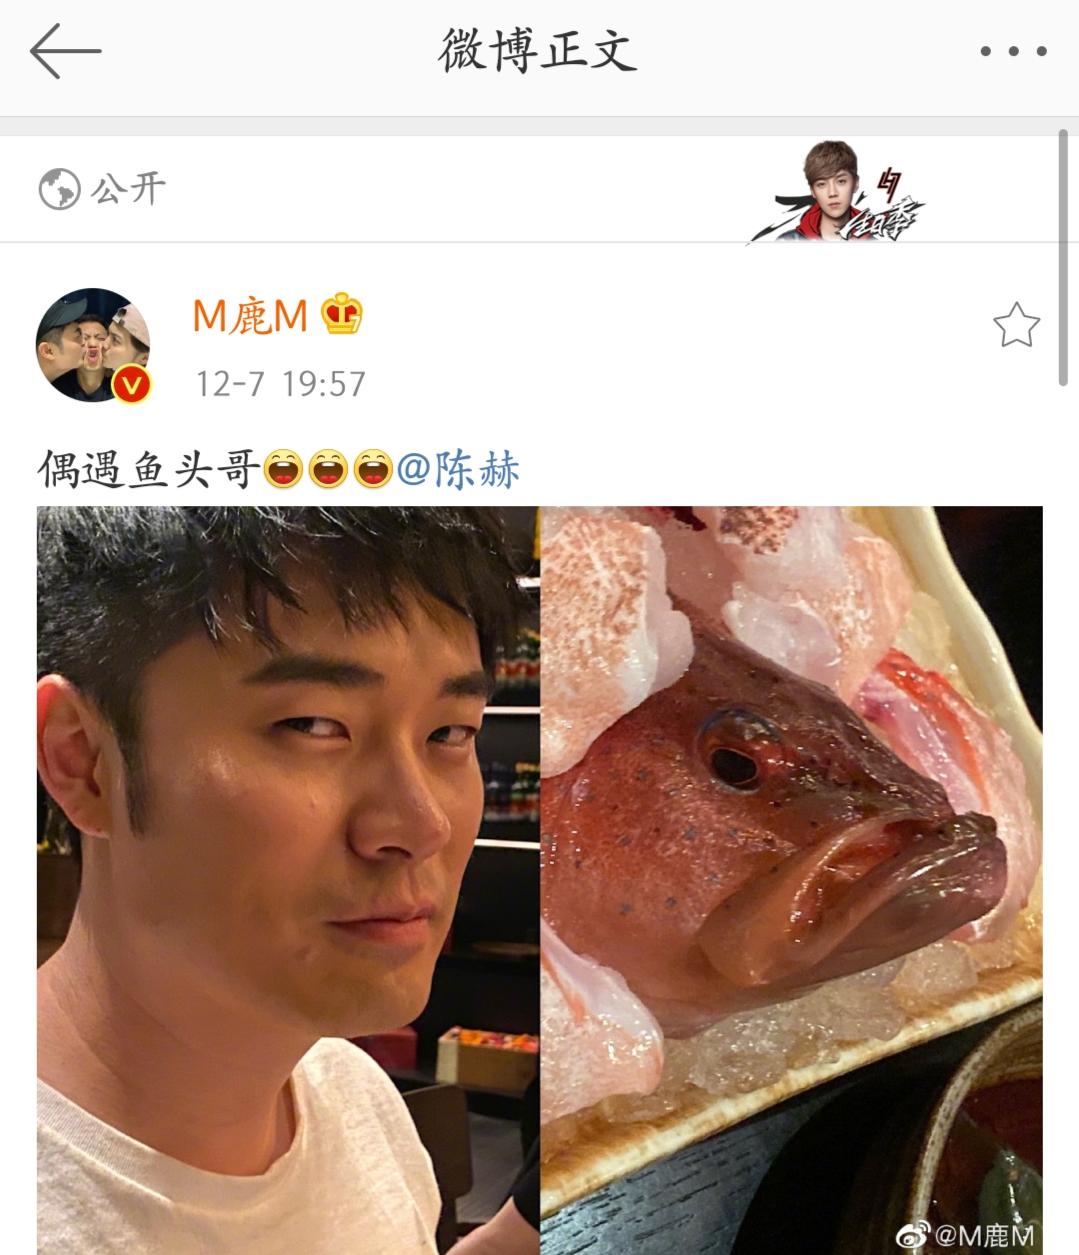 [新闻]191208 鹿晗陈赫微博开启互怼模式 虾头仔和鱼头哥的爱恨情仇